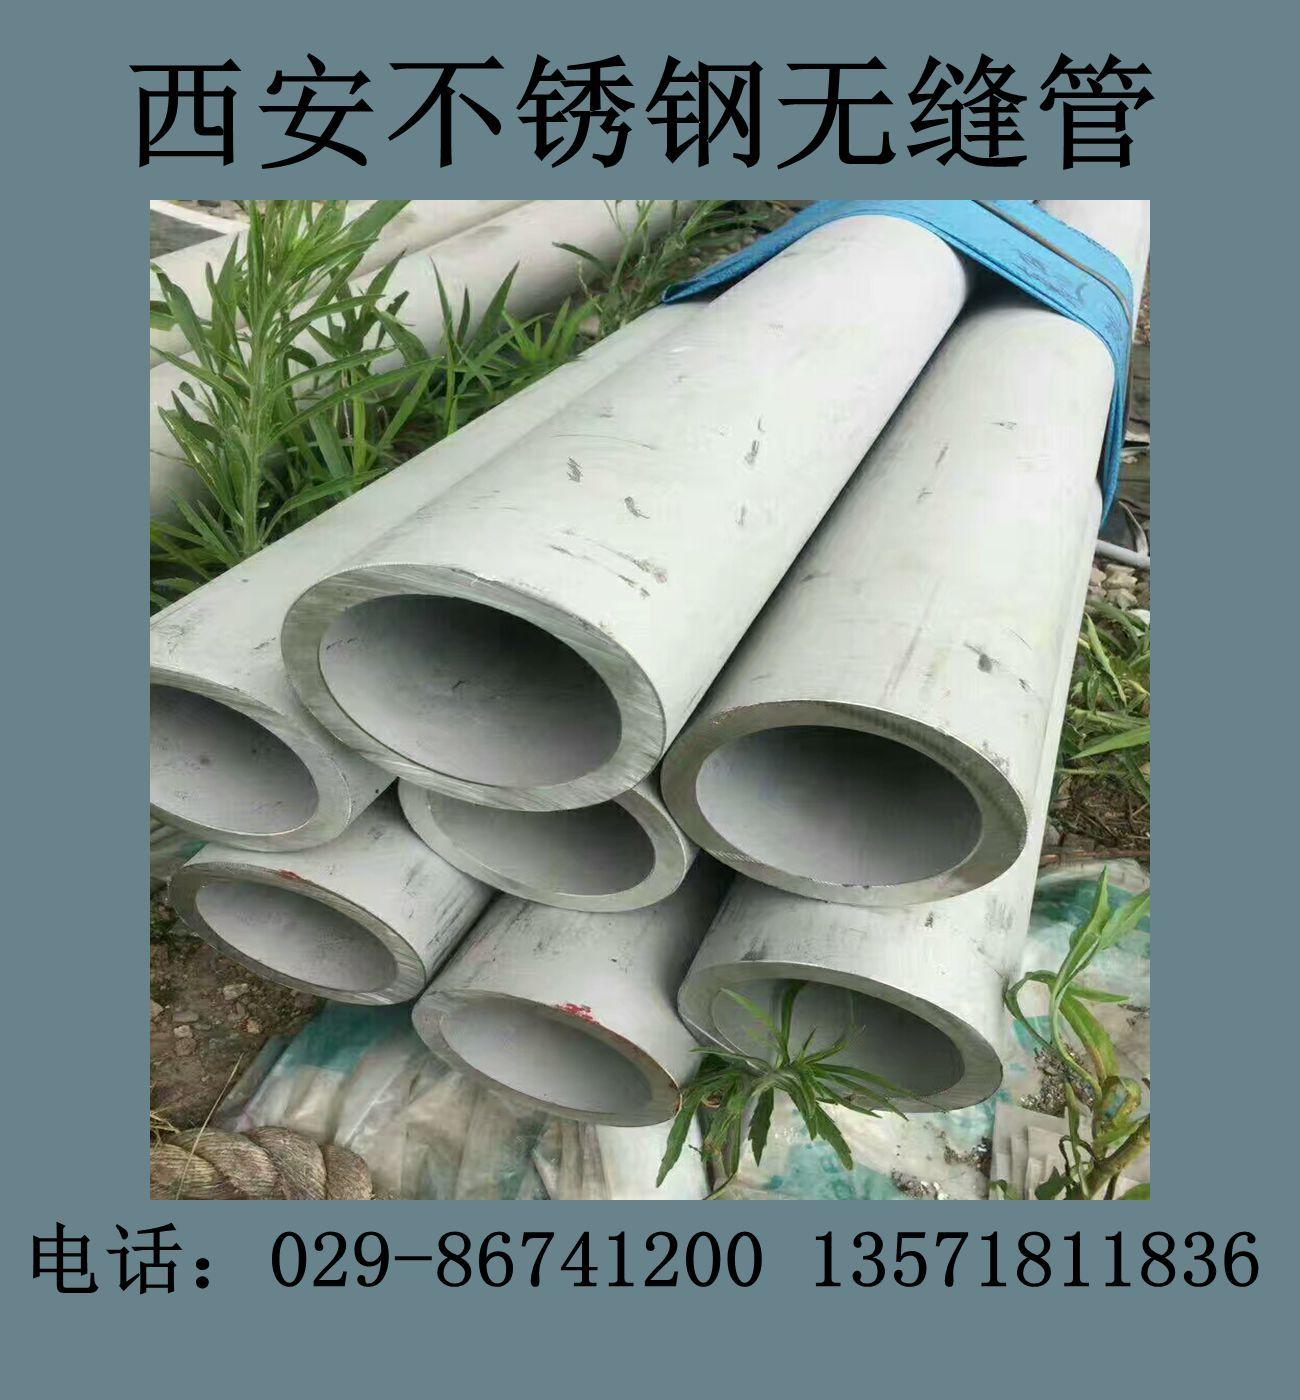 嘉峪关不锈钢管304不锈钢管316L不锈钢管347H不锈钢管厂家直销